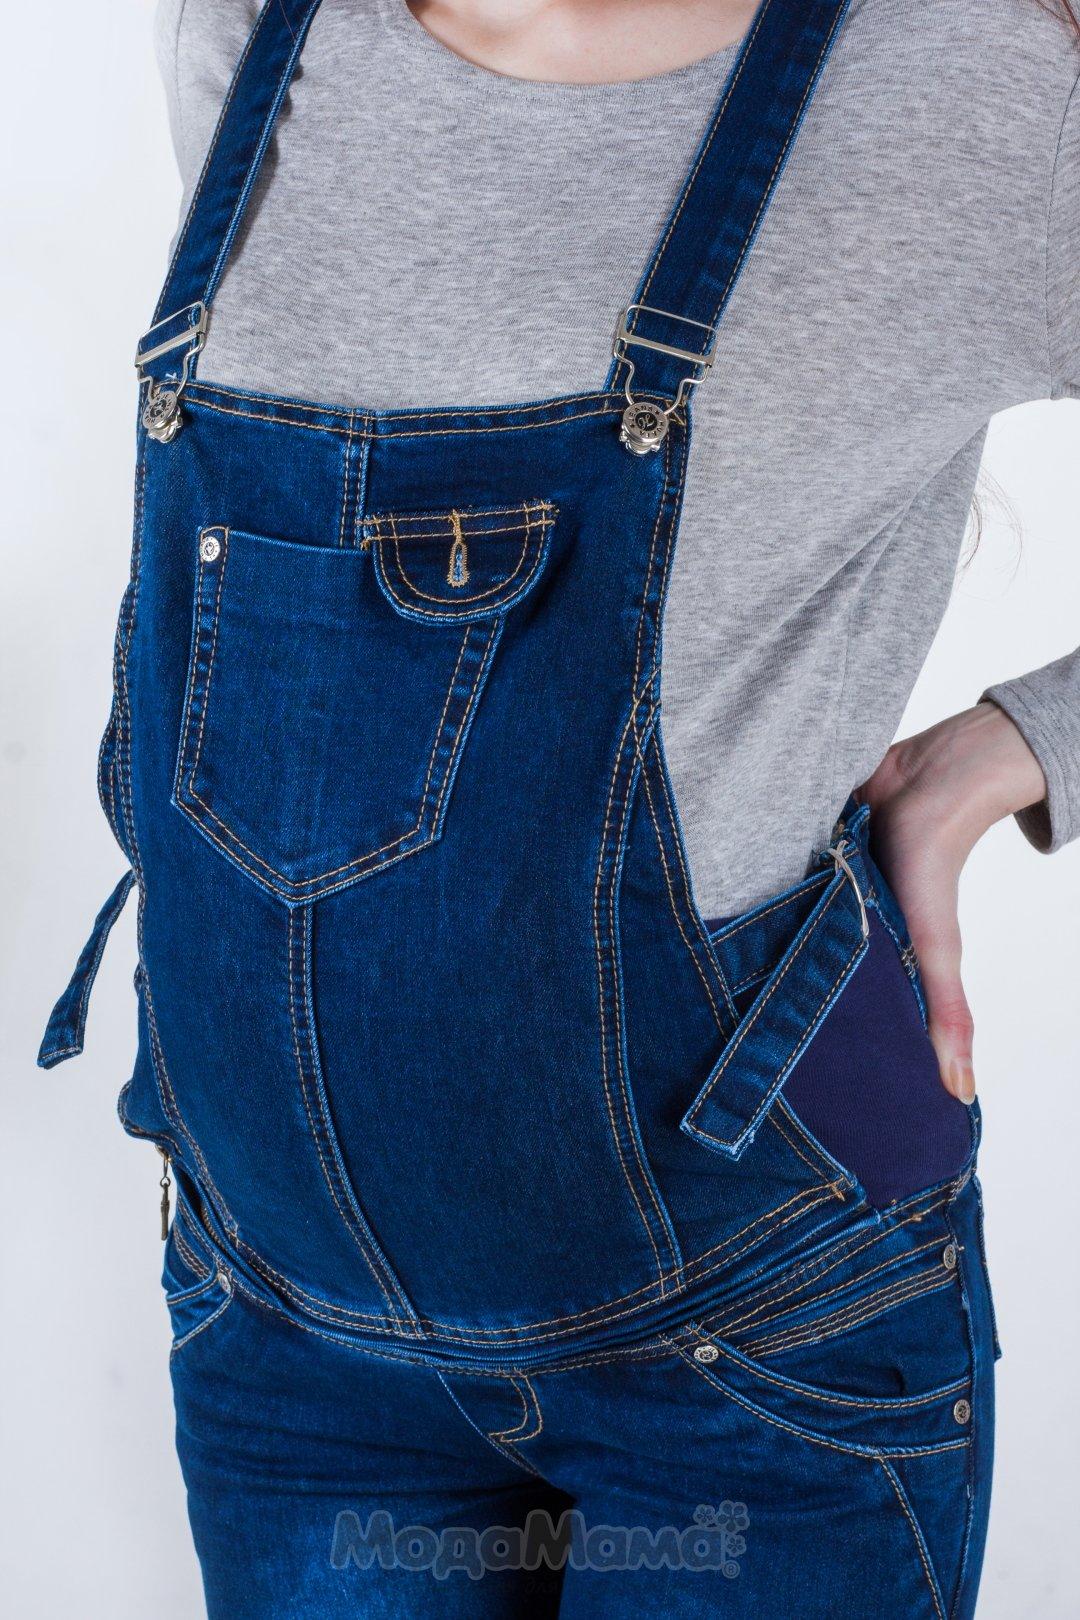 Комбинезон из джинсов своими руками фото